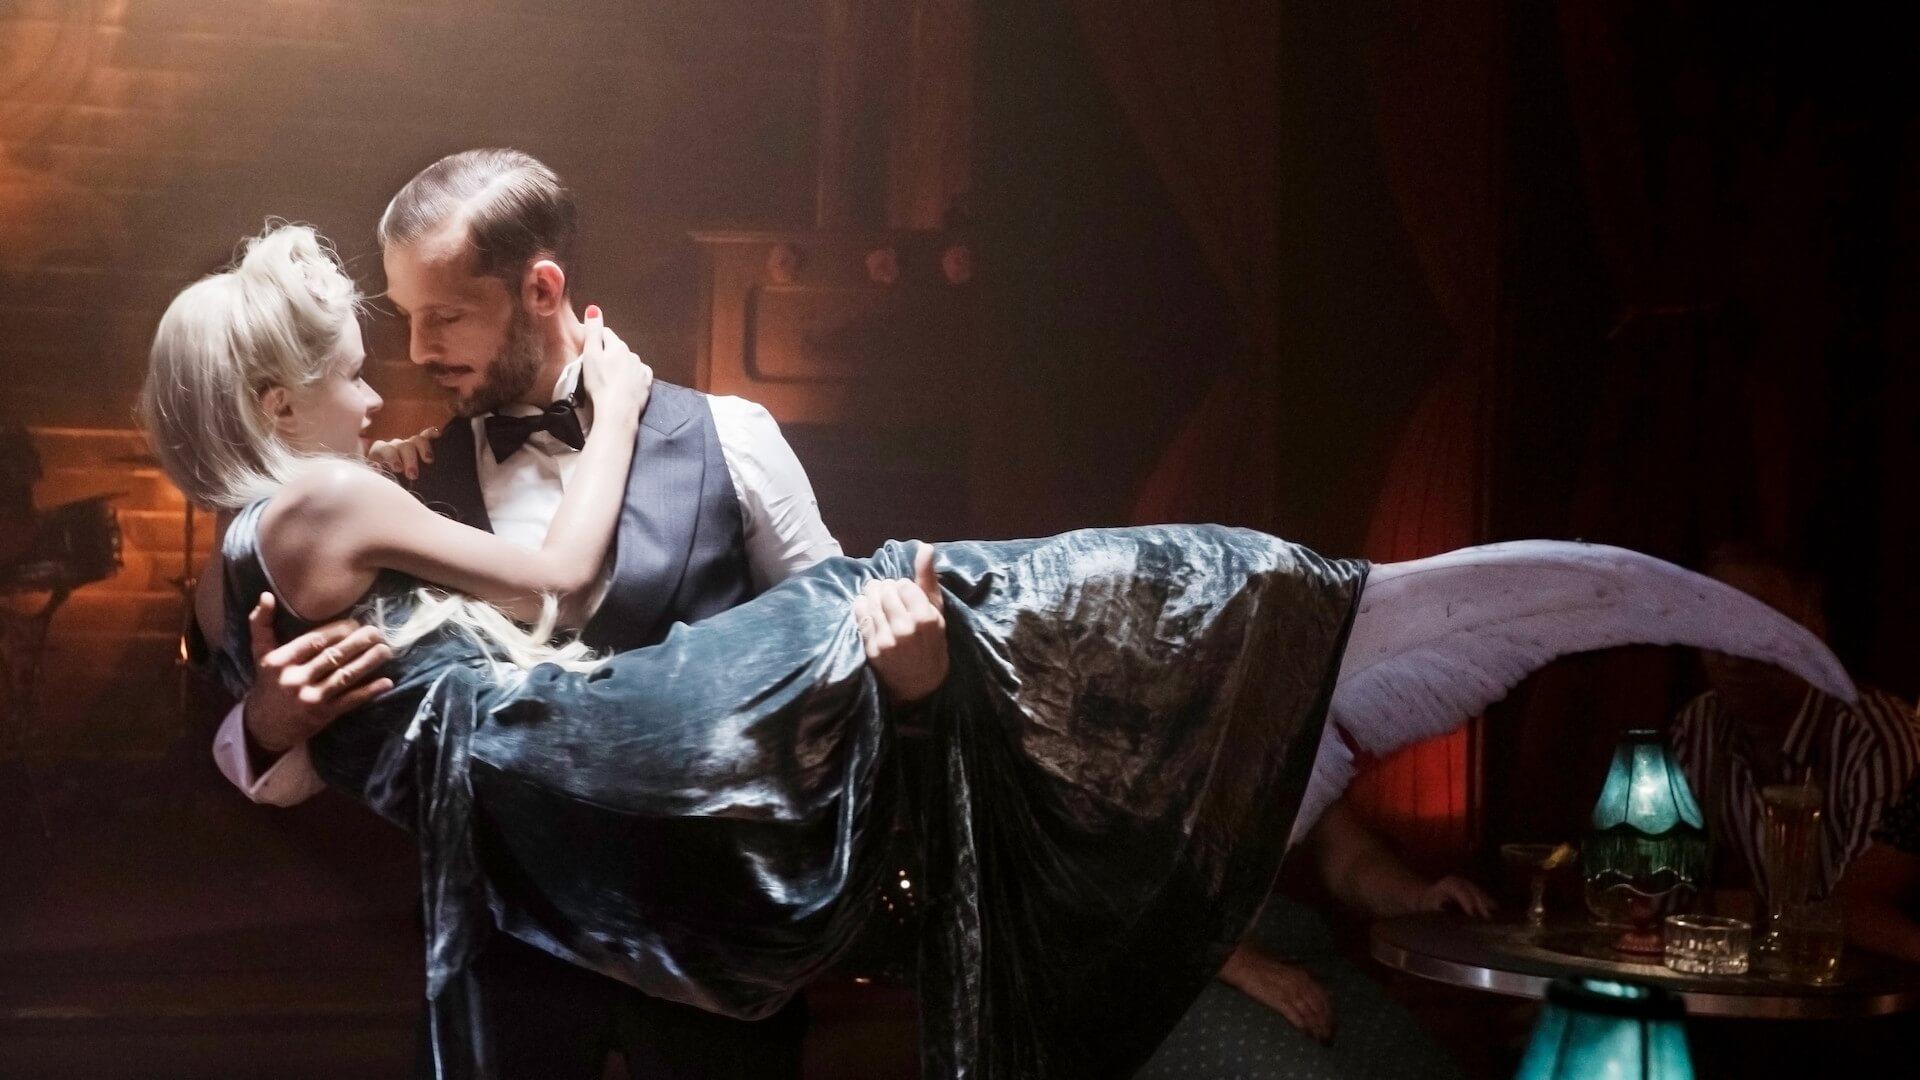 「私の歌を聞いた男は、恋に落ちて心臓が破裂する」パリを舞台に人魚のラブストーリーを描いた映画『マーメイド・イン・パリ』が2月公開 本編映像が解禁 film210113-mermaidinparis-8